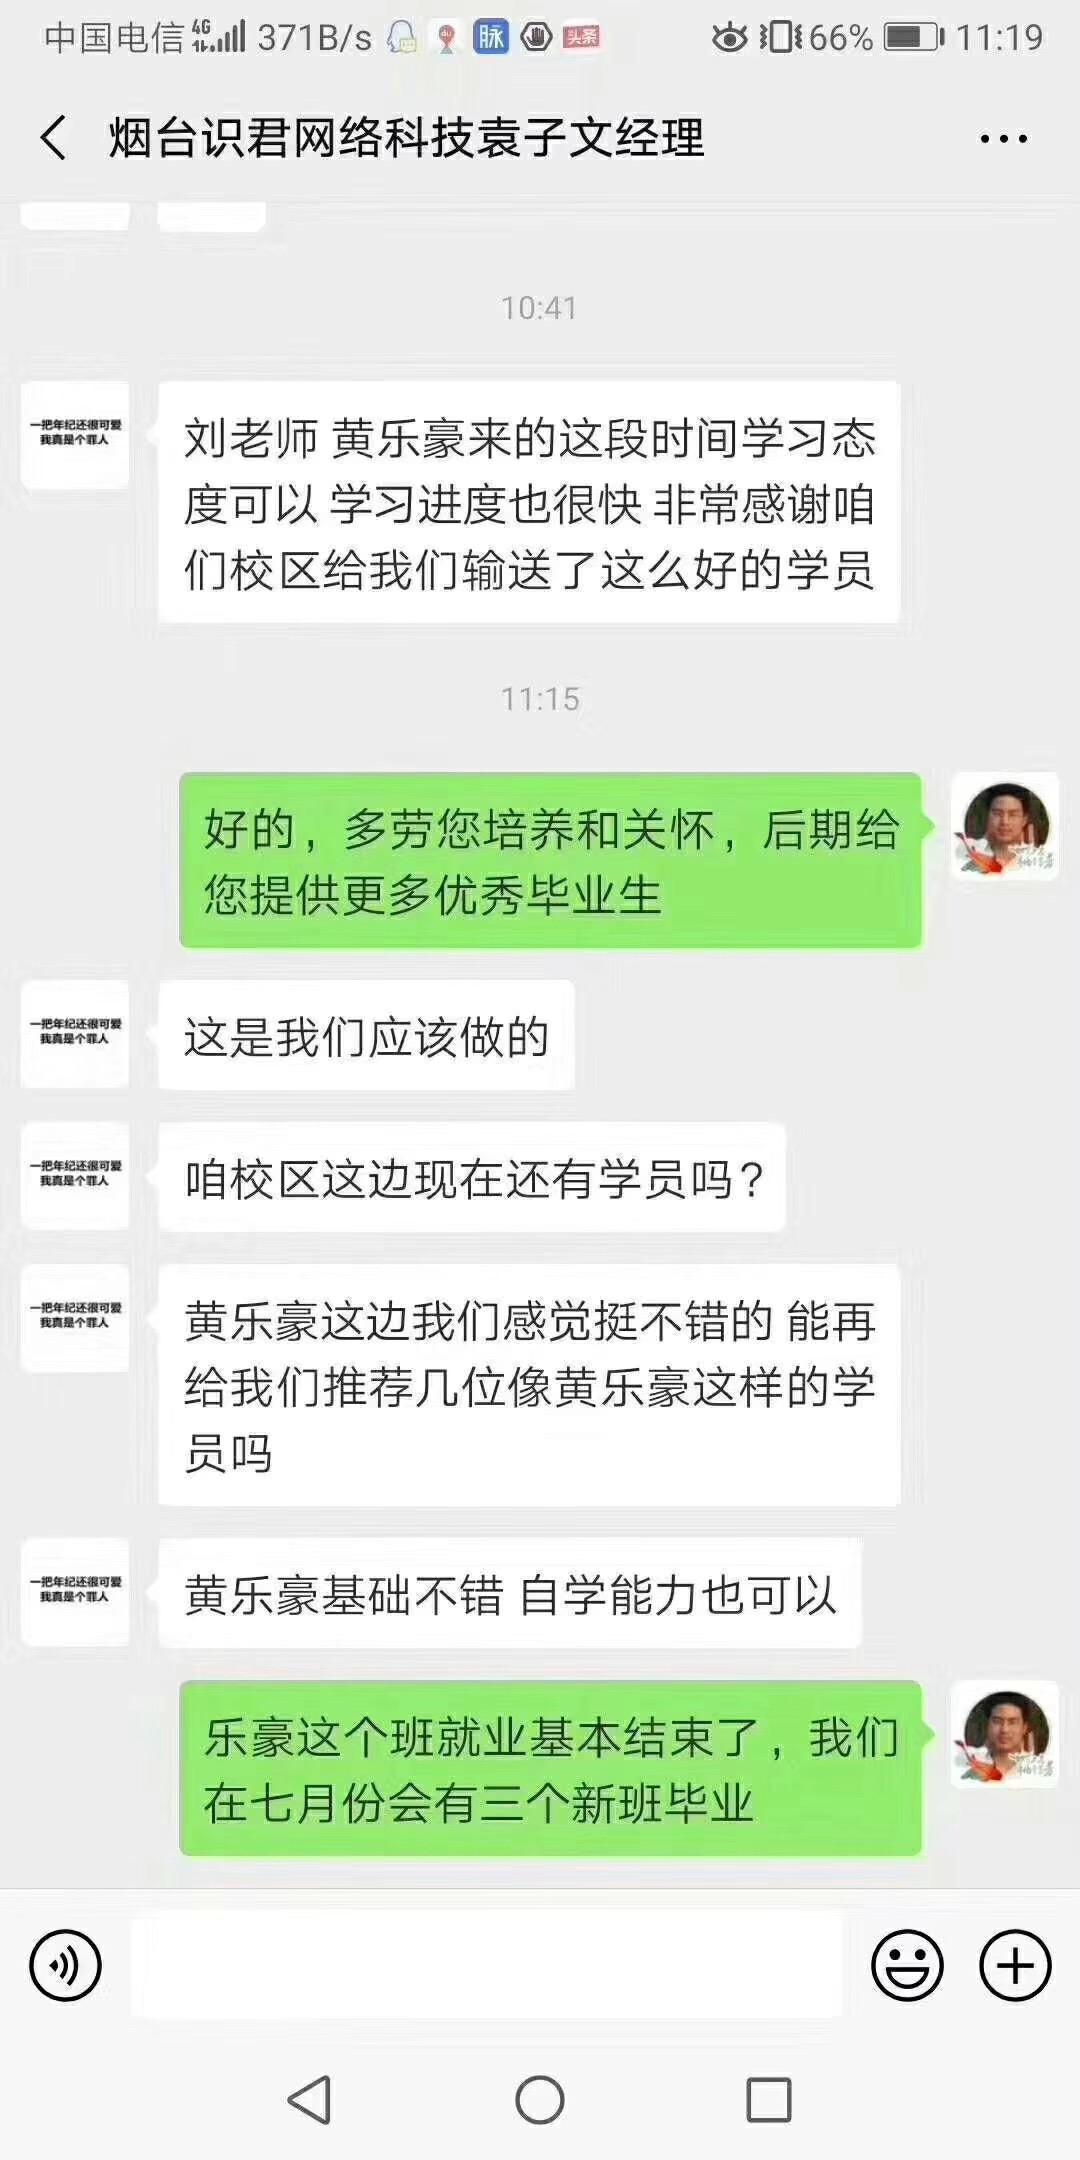 郑州北大青鸟翔天信鸽学校企业用人真实反馈